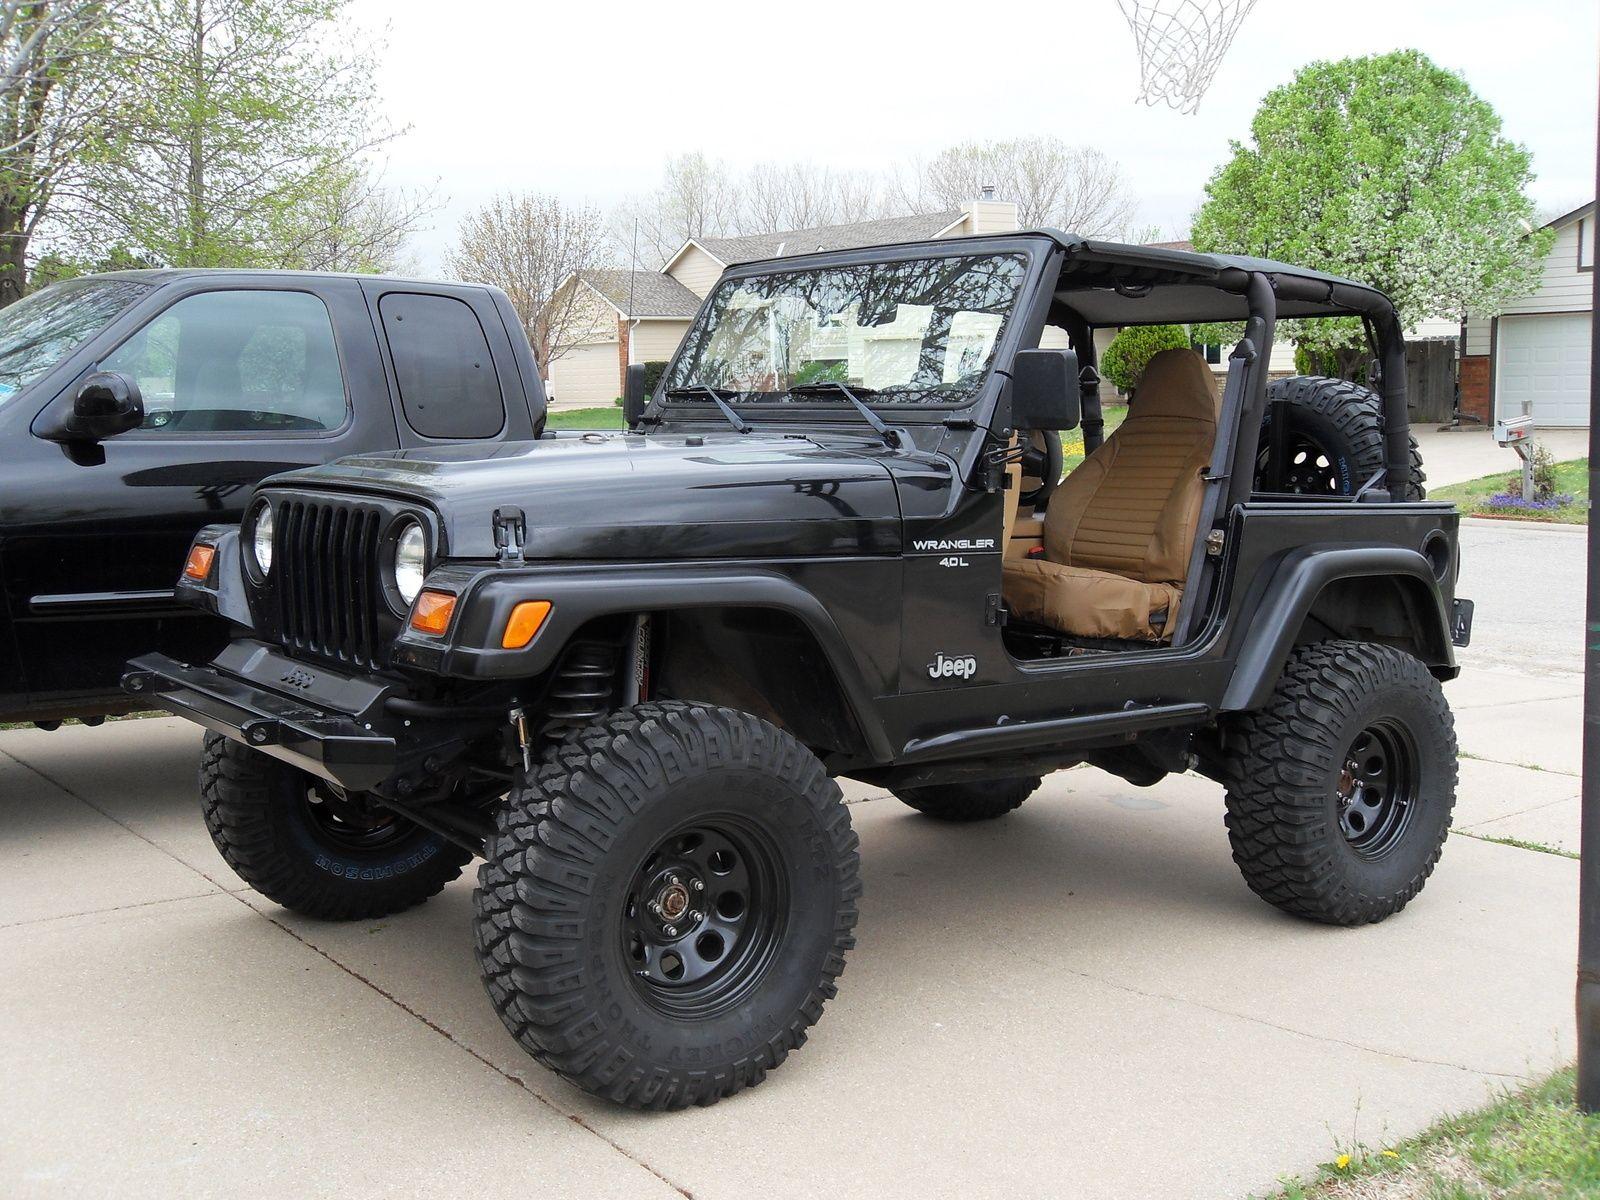 1998 Jeep Wrangler Pictures Cargurus 1998 Jeep Wrangler